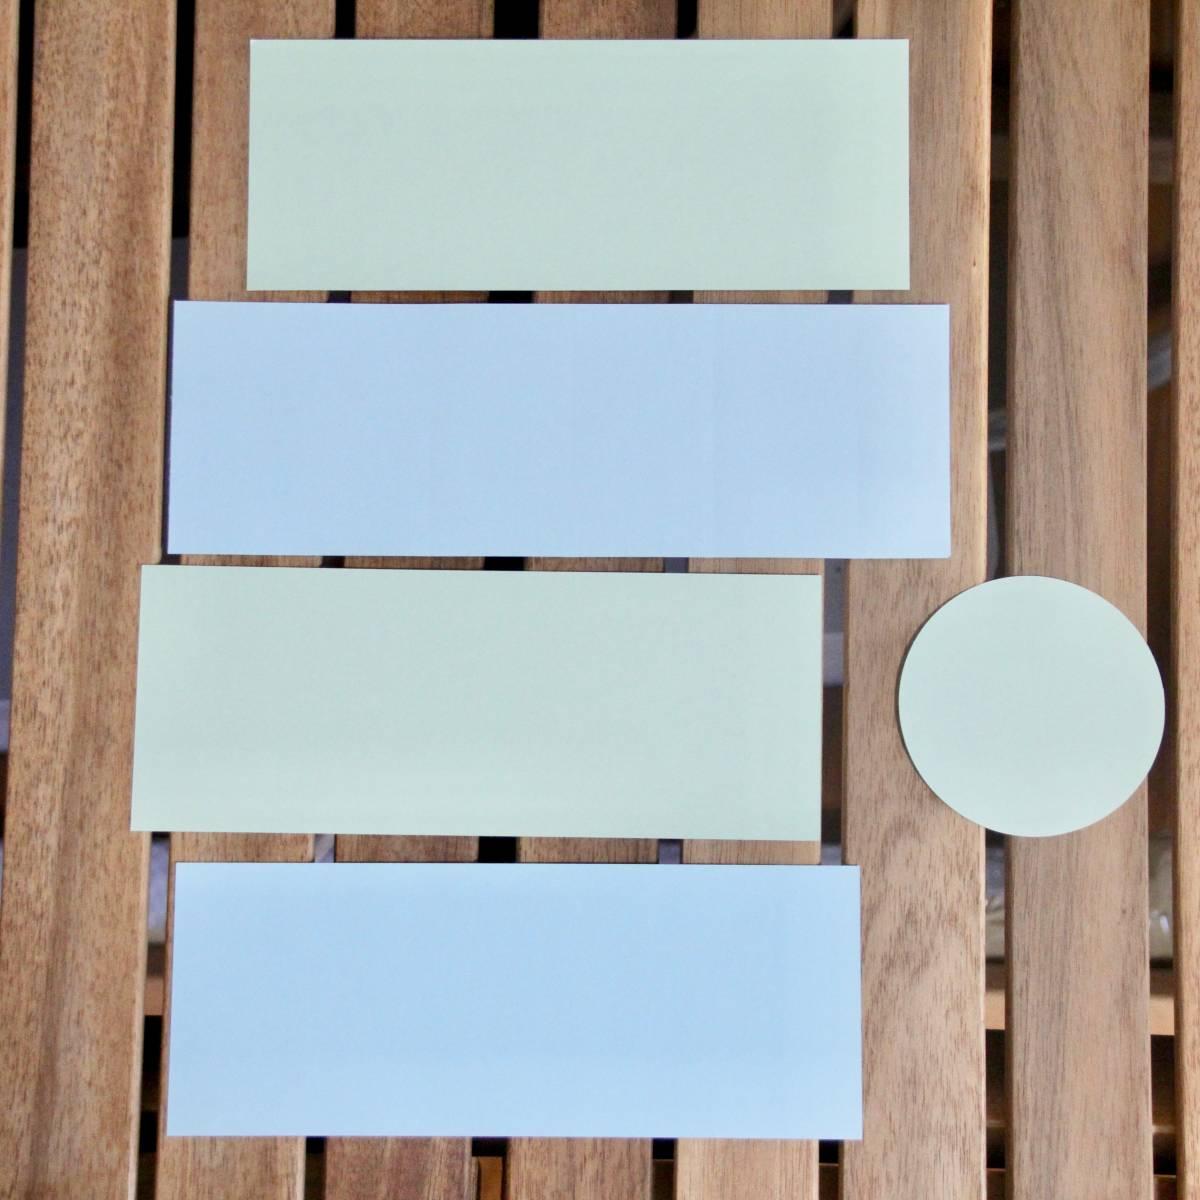 デッドストック Apple Computer アップル コンピューター レインボー ロゴ Mac OS ステッカーセット 非売品 ノベルティー Think Different_画像6